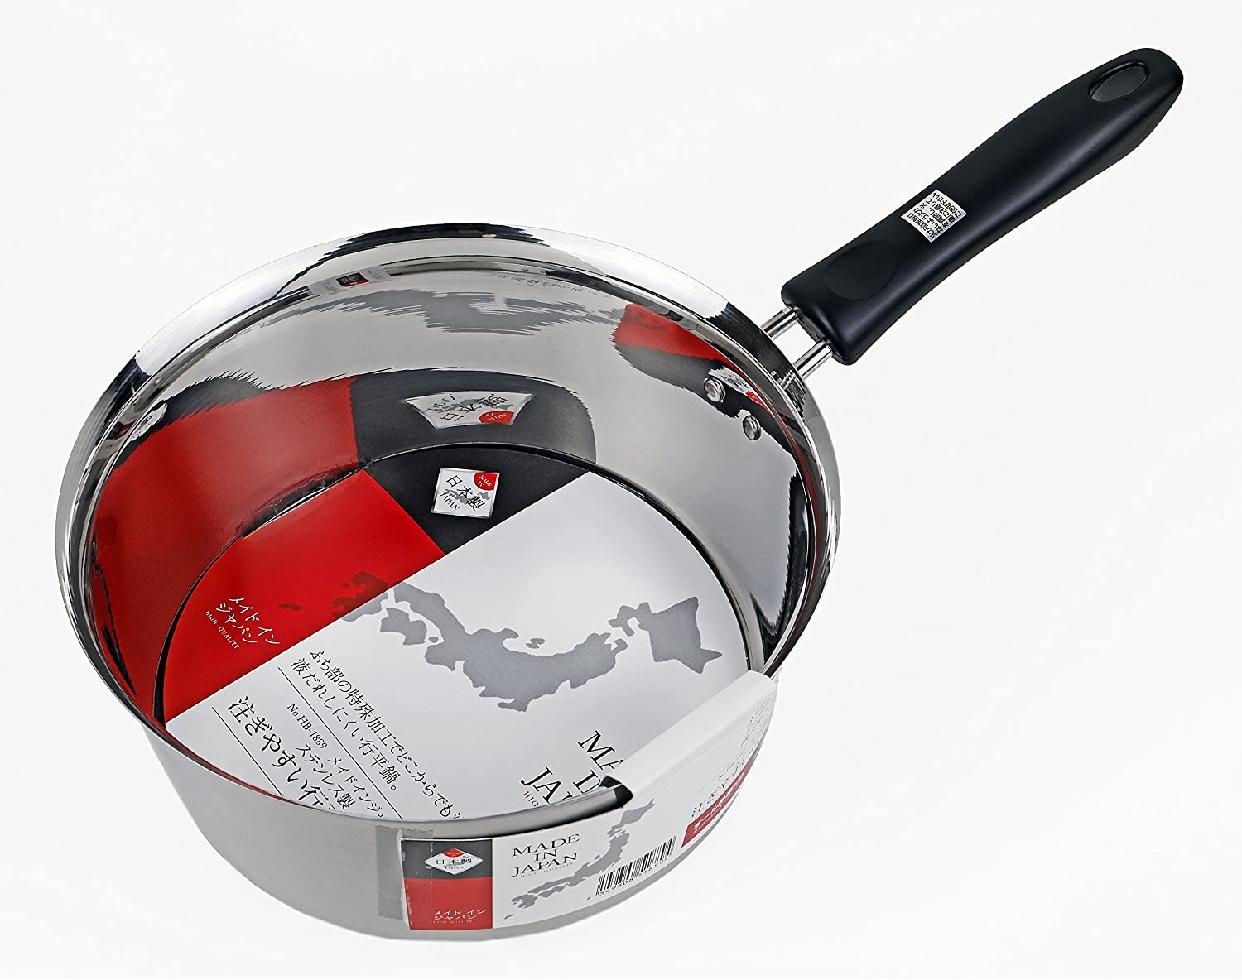 パール金属(PEARL) メイドインジャパン ステンレス製注ぎやすい行平鍋20cm HB-1889 シルバーの商品画像2